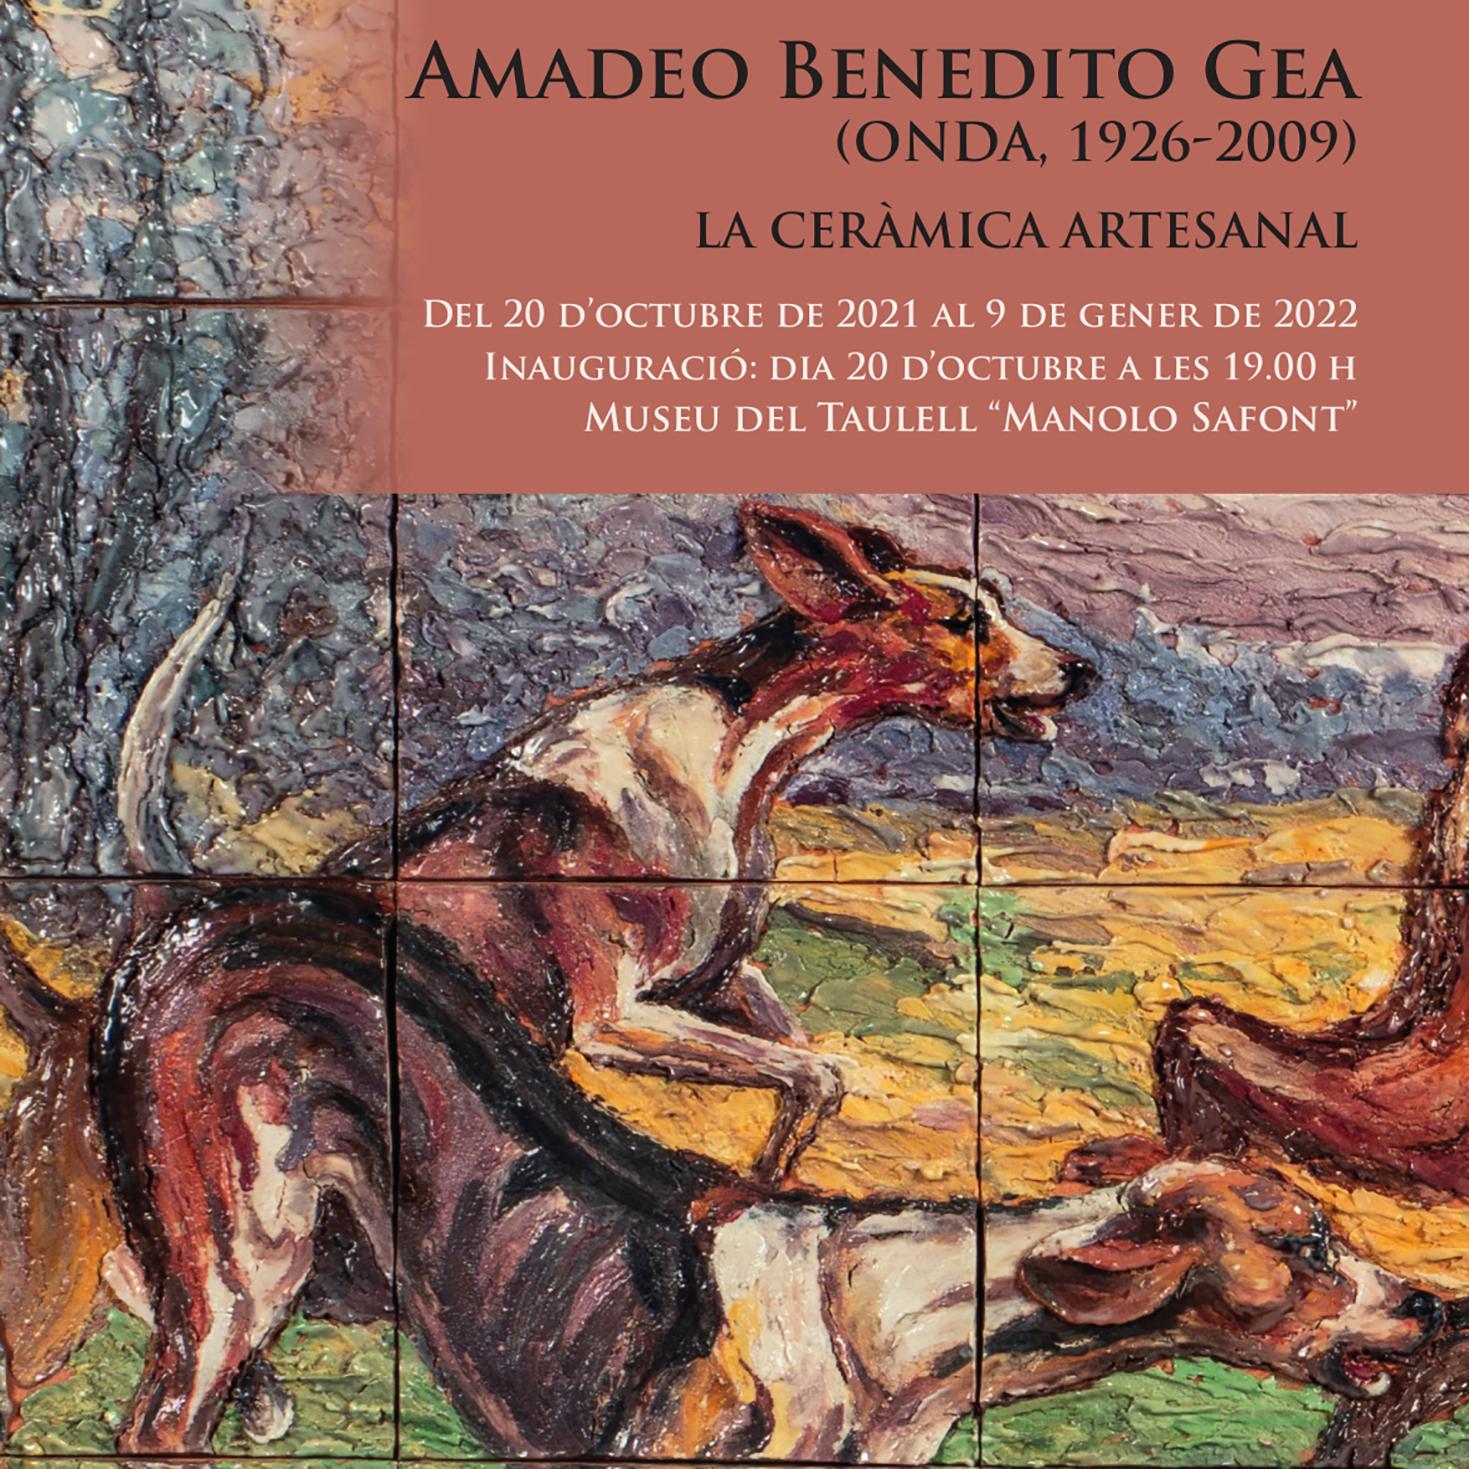 AMADEO BENEDITO GEA. LA CERÀMICA ARTESANAL